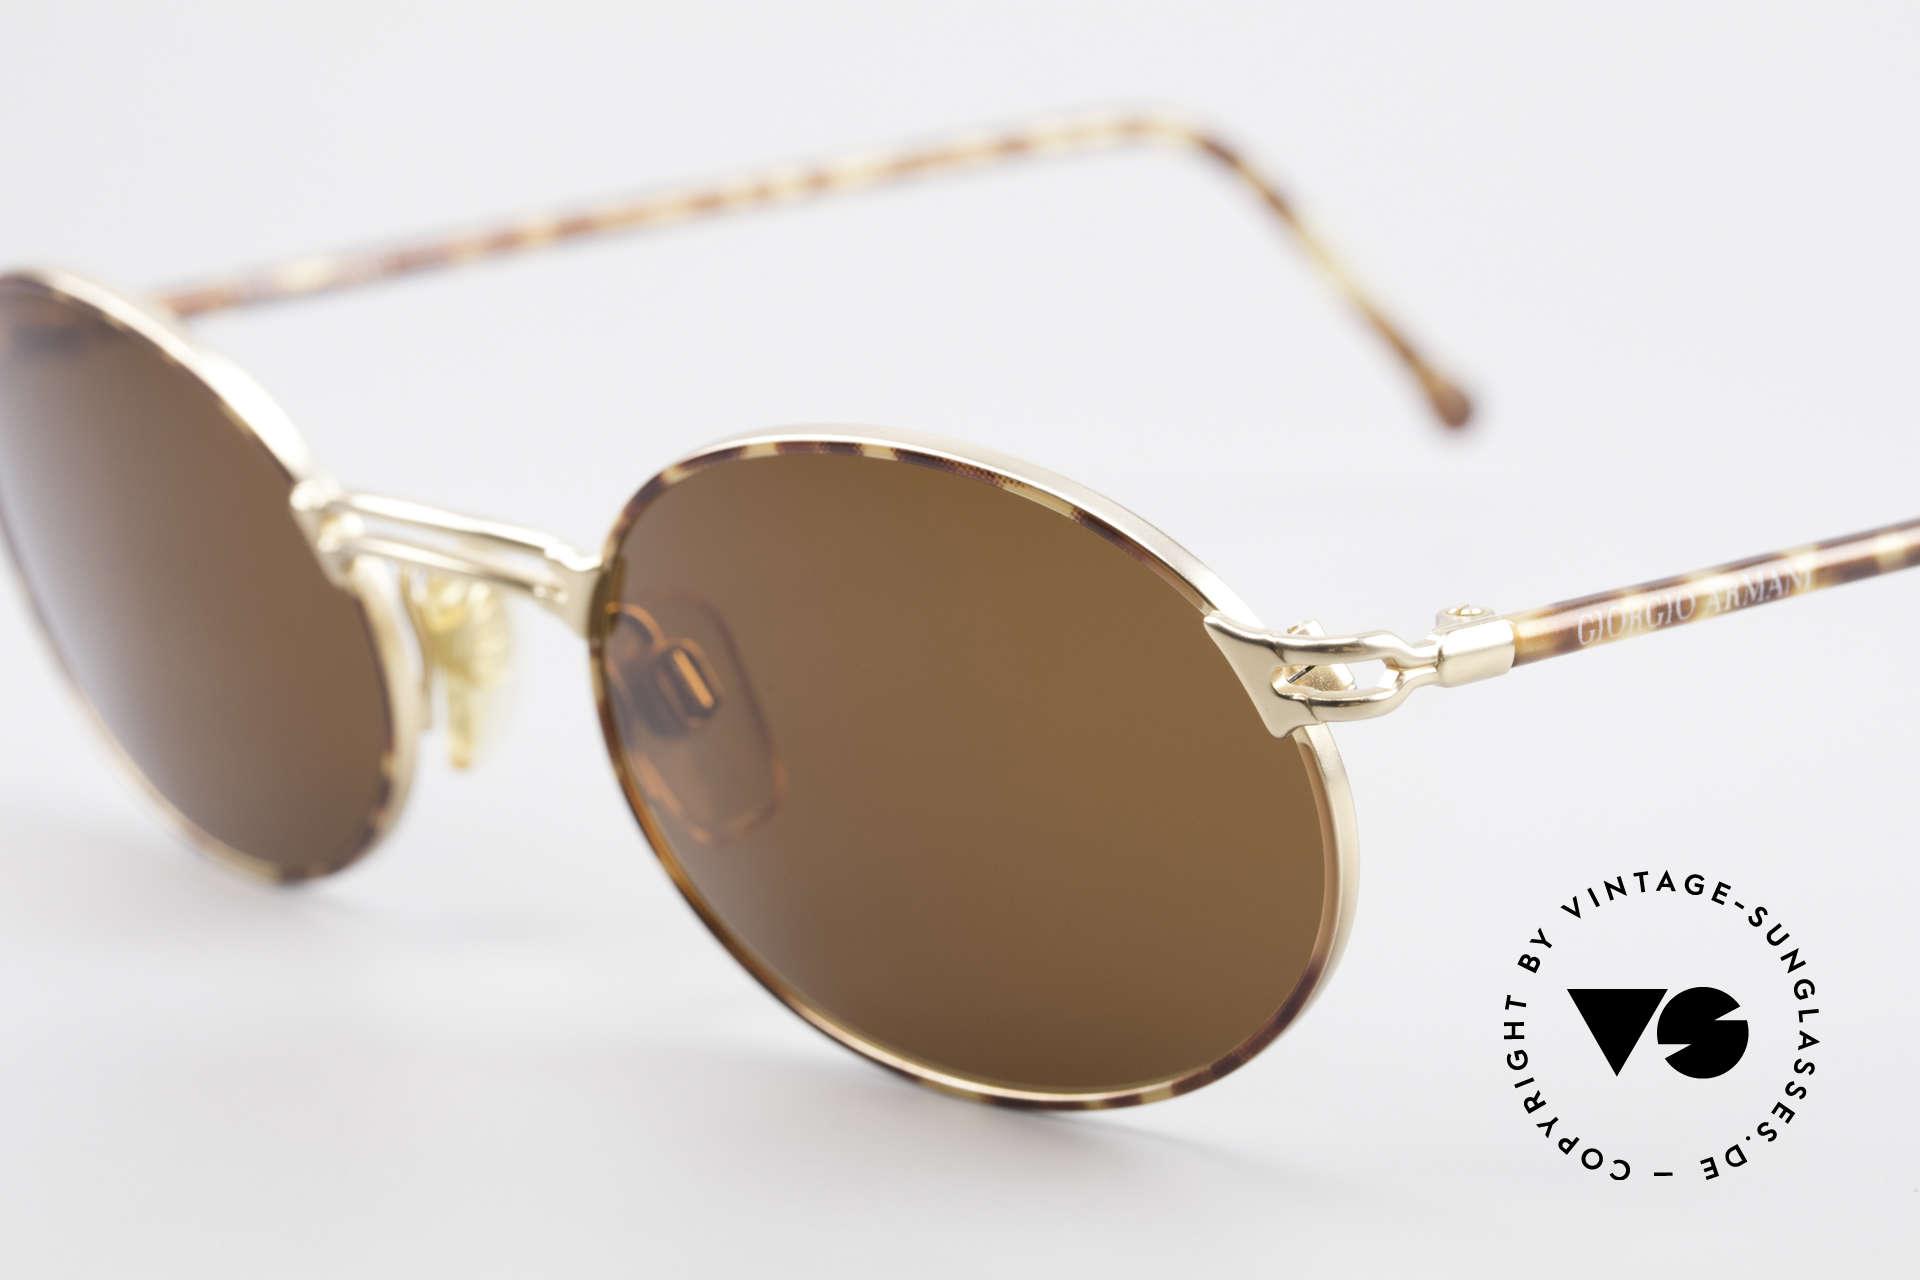 Giorgio Armani 194 Ovale Sonnenbrille No Retro, Sonnengläser in einem kräftigen Braun (100% UV), Passend für Herren und Damen